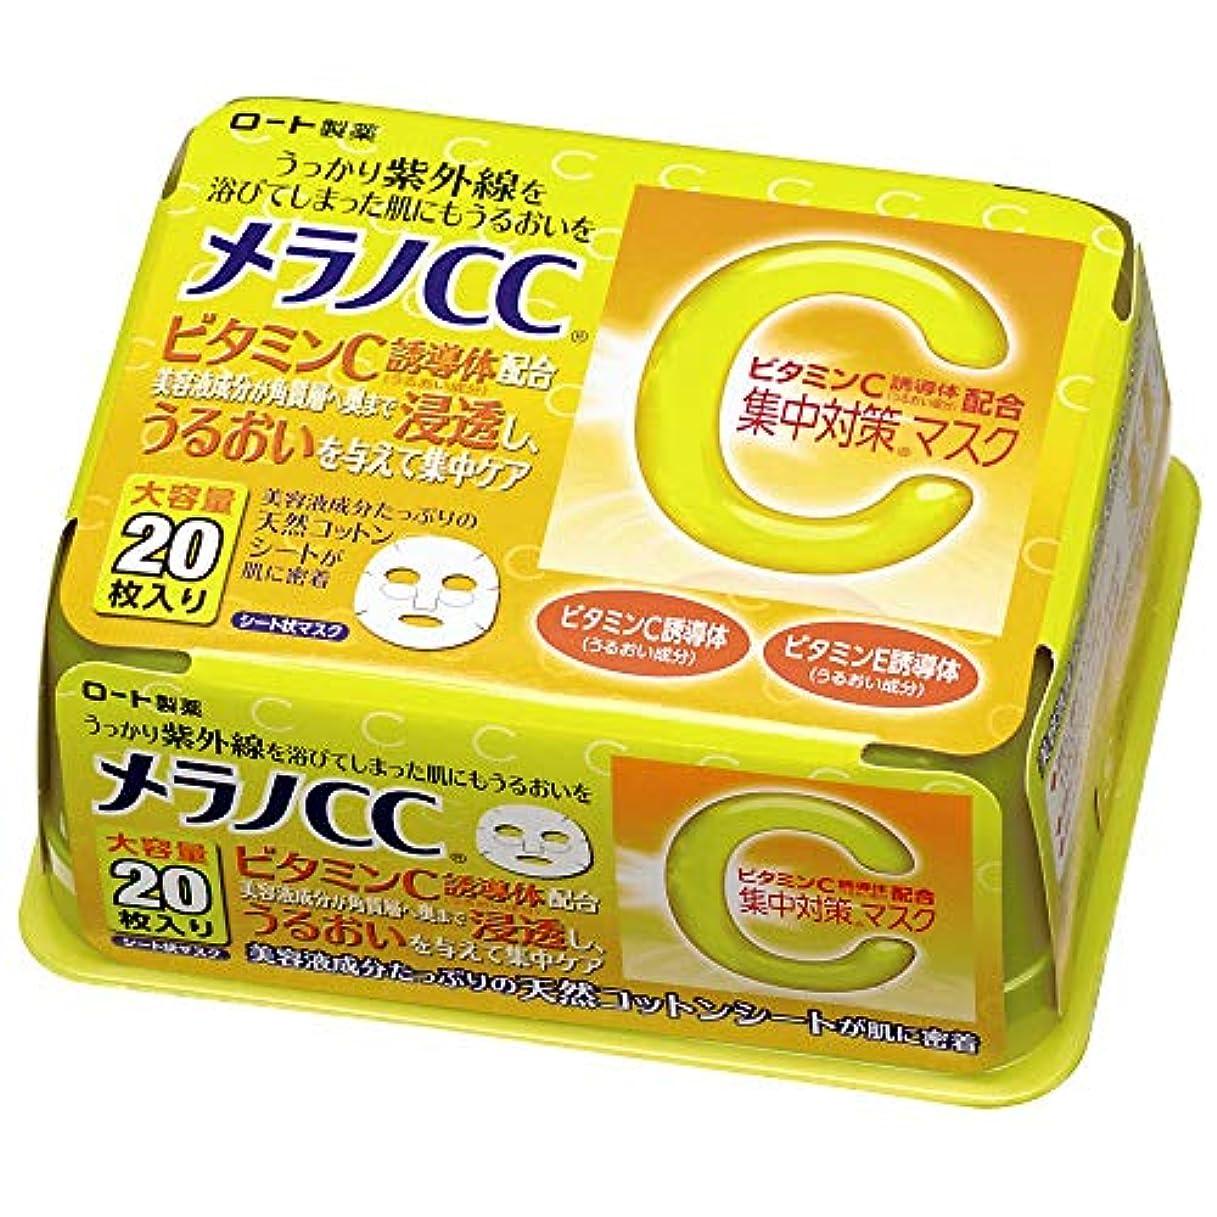 福祉細菌悪意メラノCC ビタミンC配合 紫外線集中対策浸透 マスク 20枚 195mL